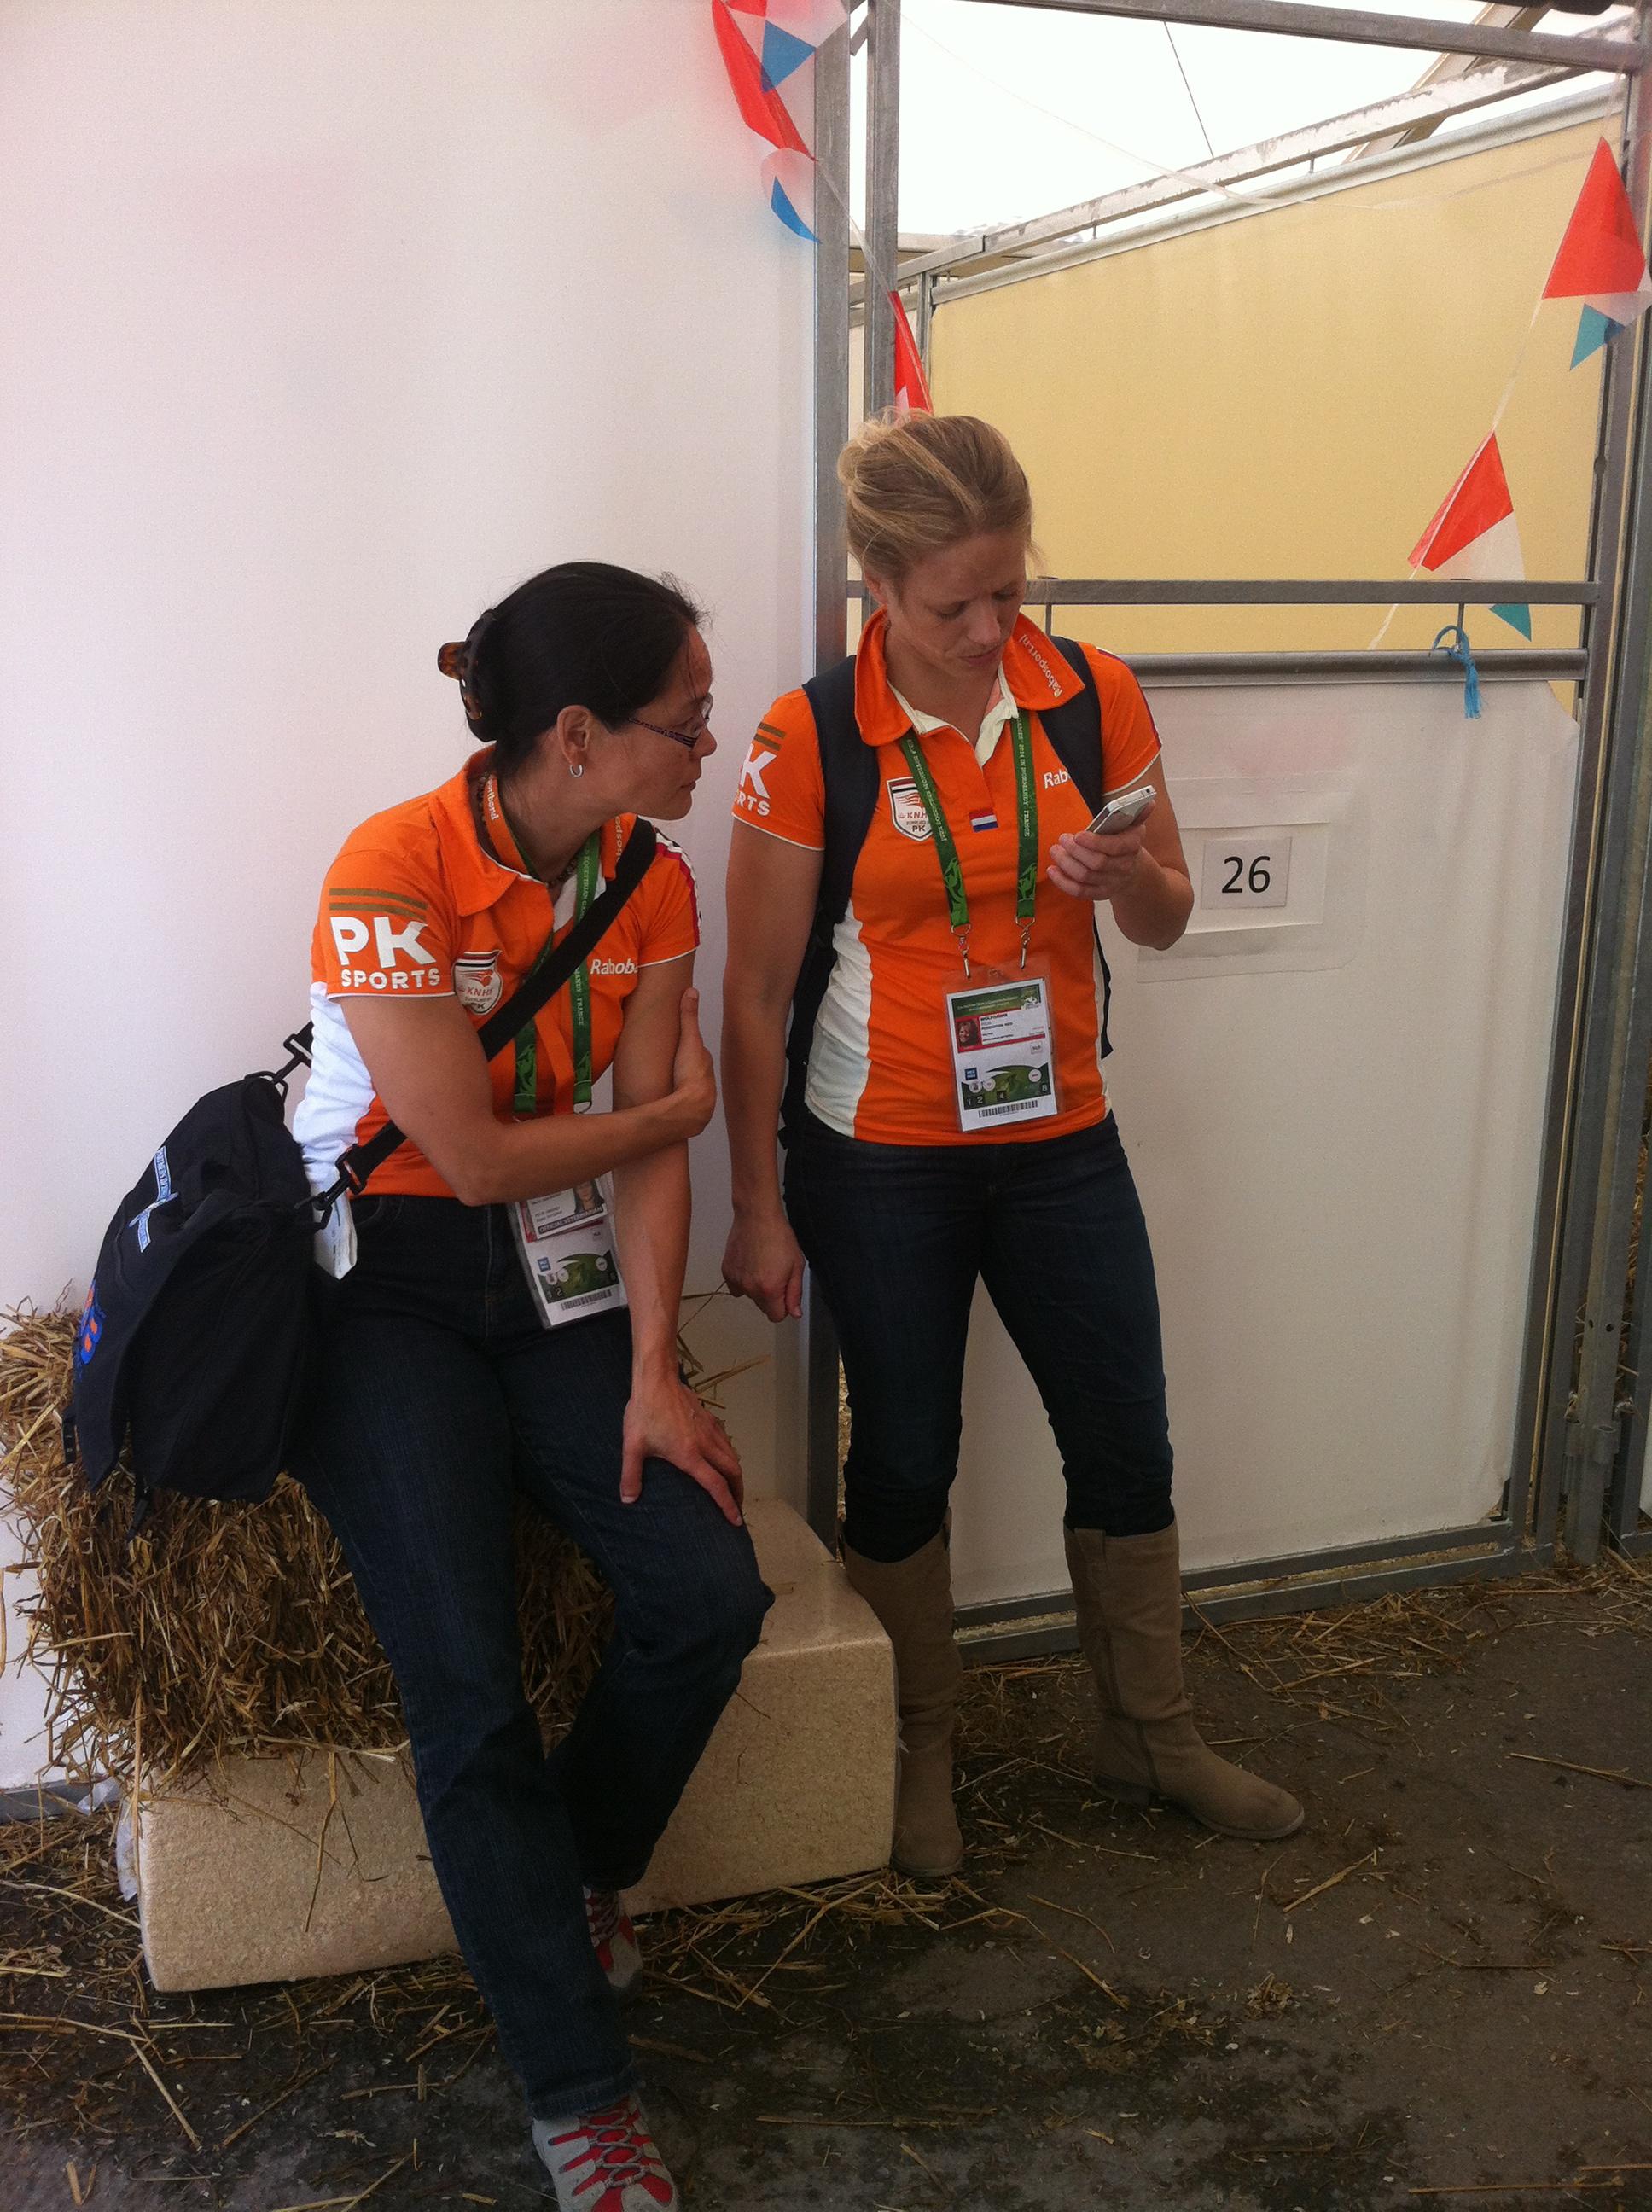 Dierenarts en bondscoach van het Nederlandse team